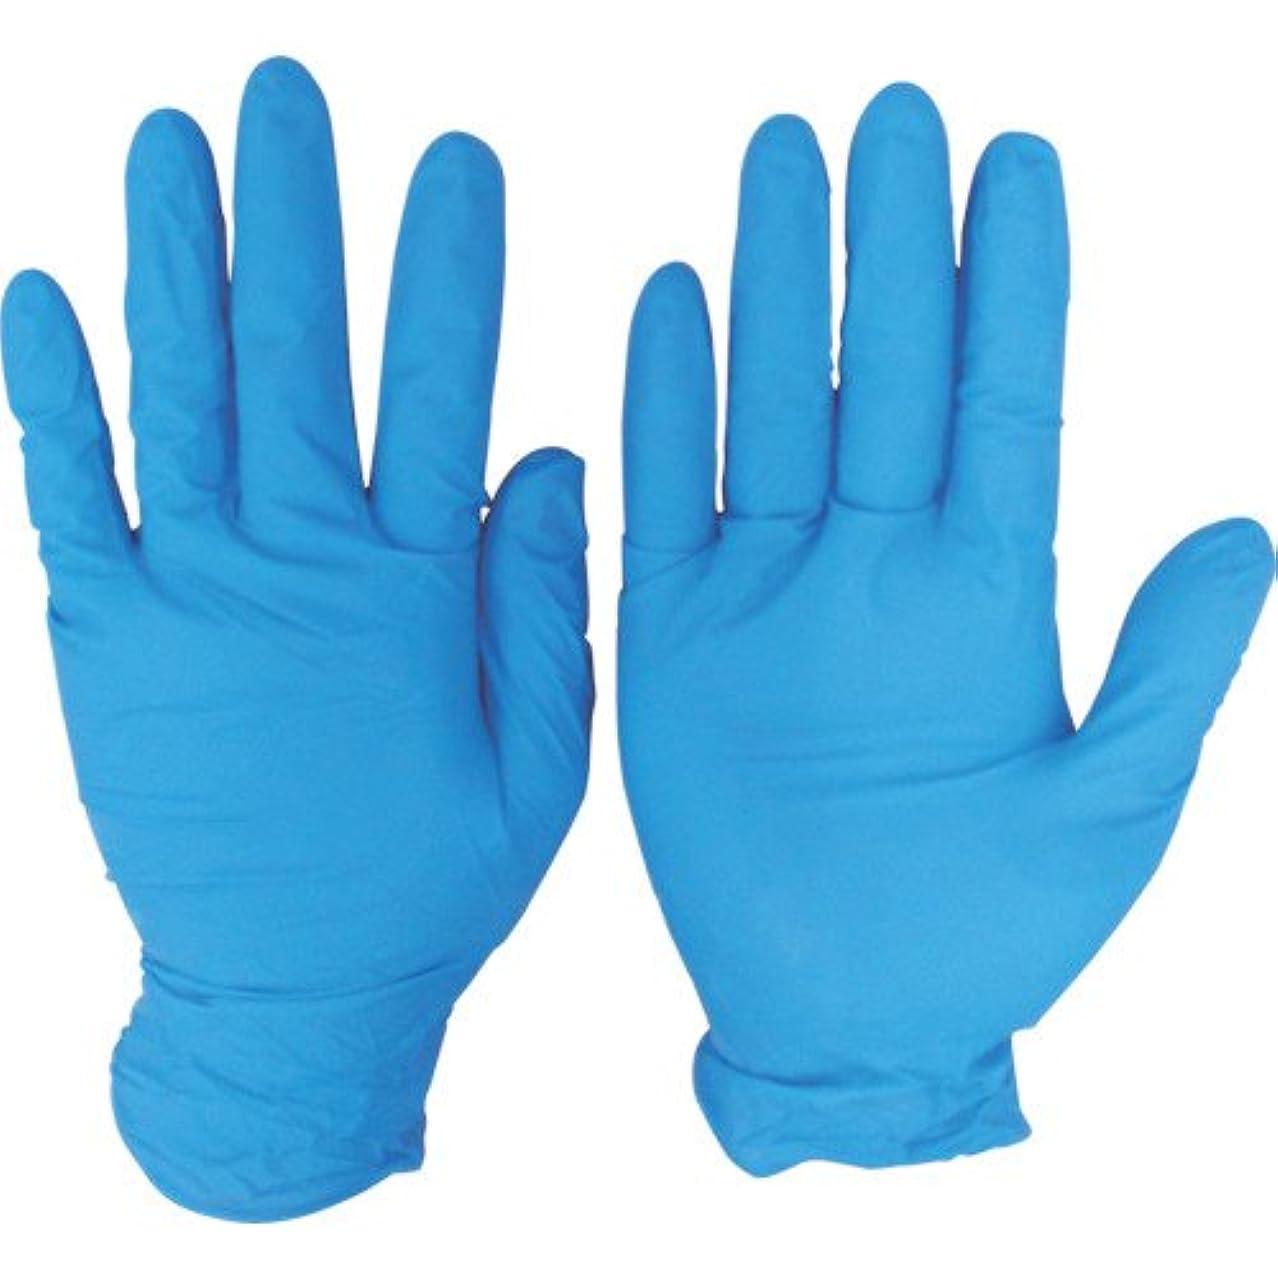 収縮敵対的黒人シンガー ニトリルディスポグローブ(手袋) No.810 ブルー パウダーフリー(100枚) SS